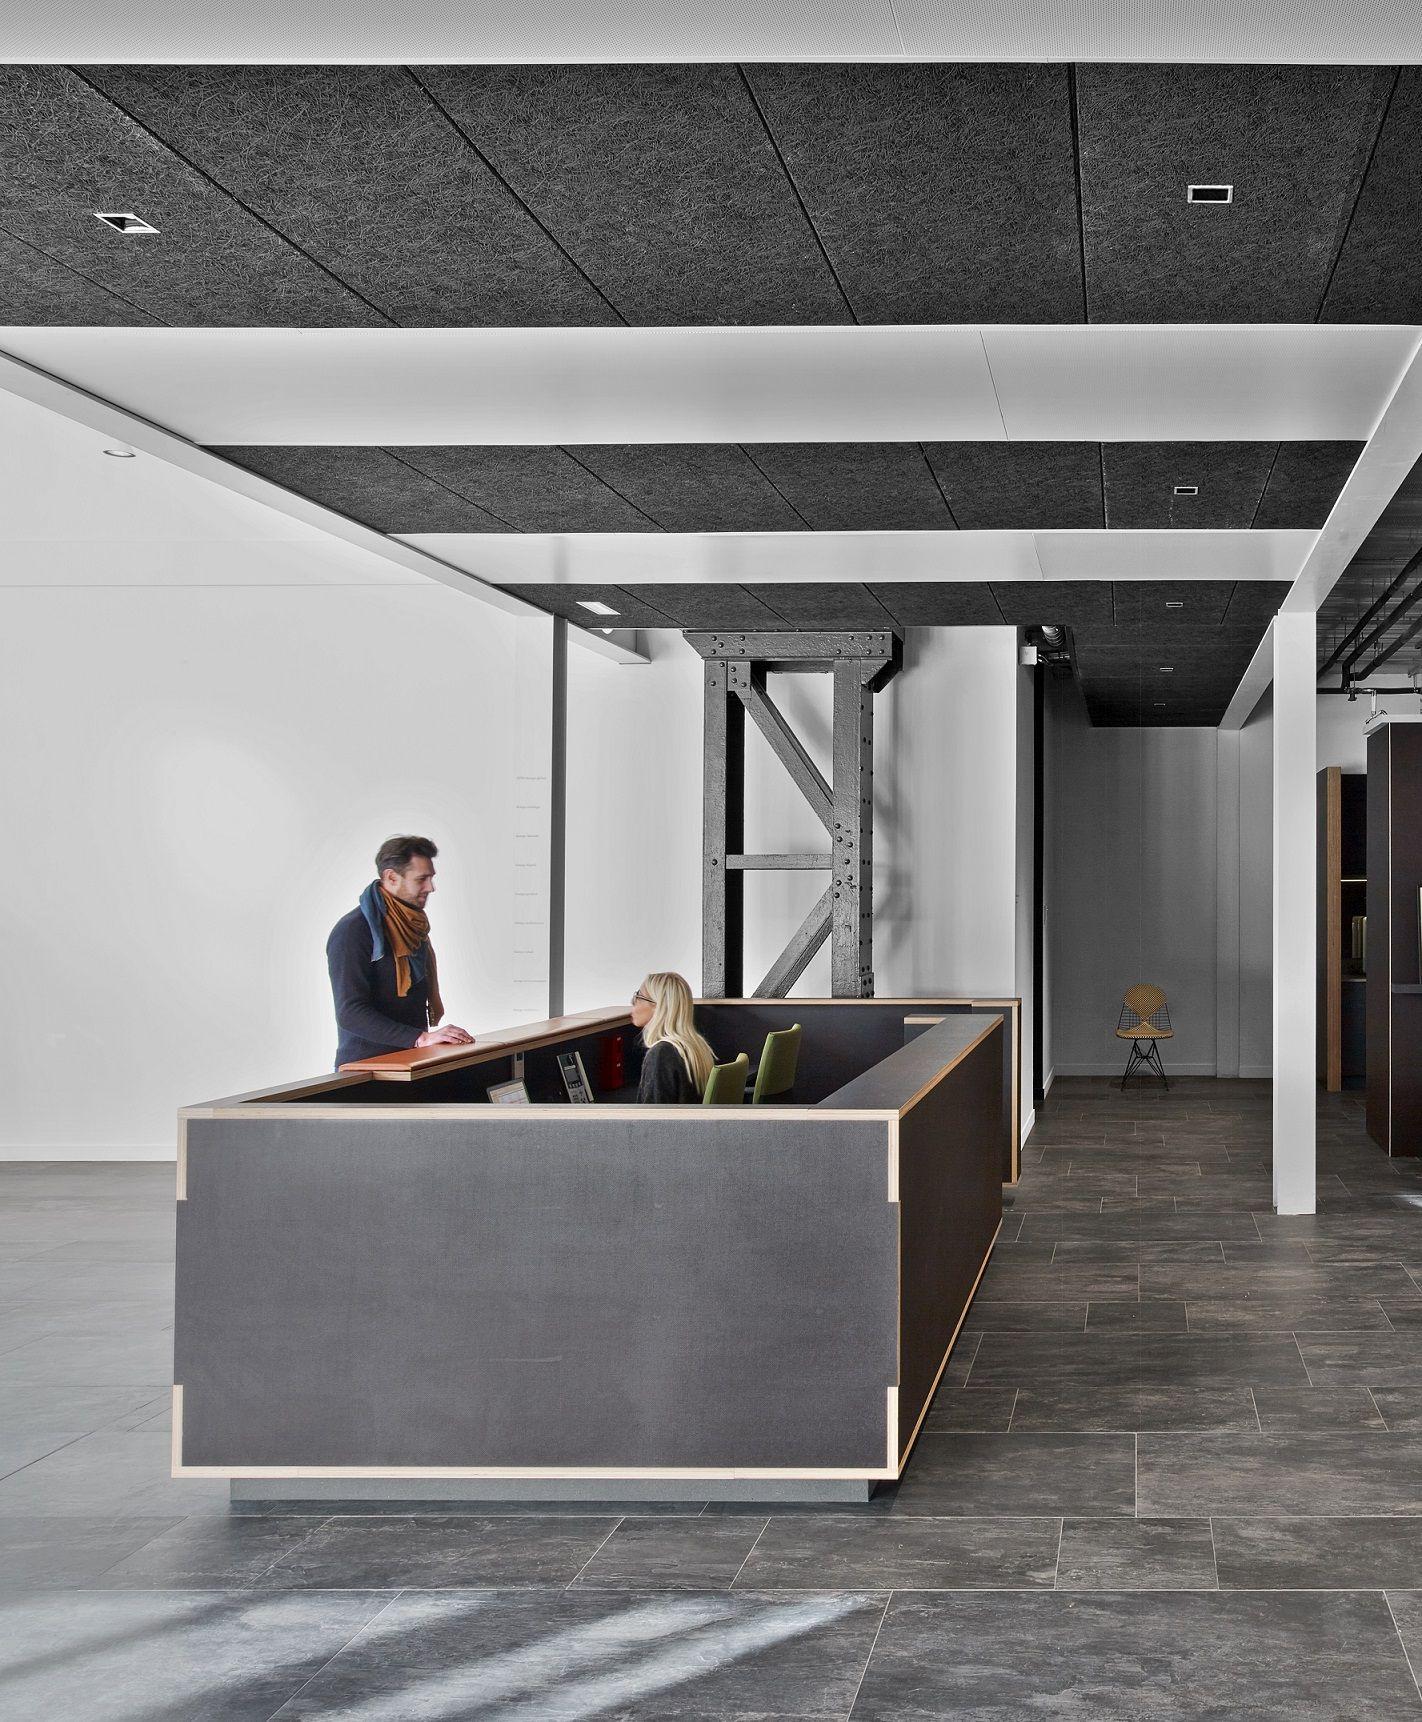 Manufacture Design Paris, France Design Saguez & Partners  Lighting